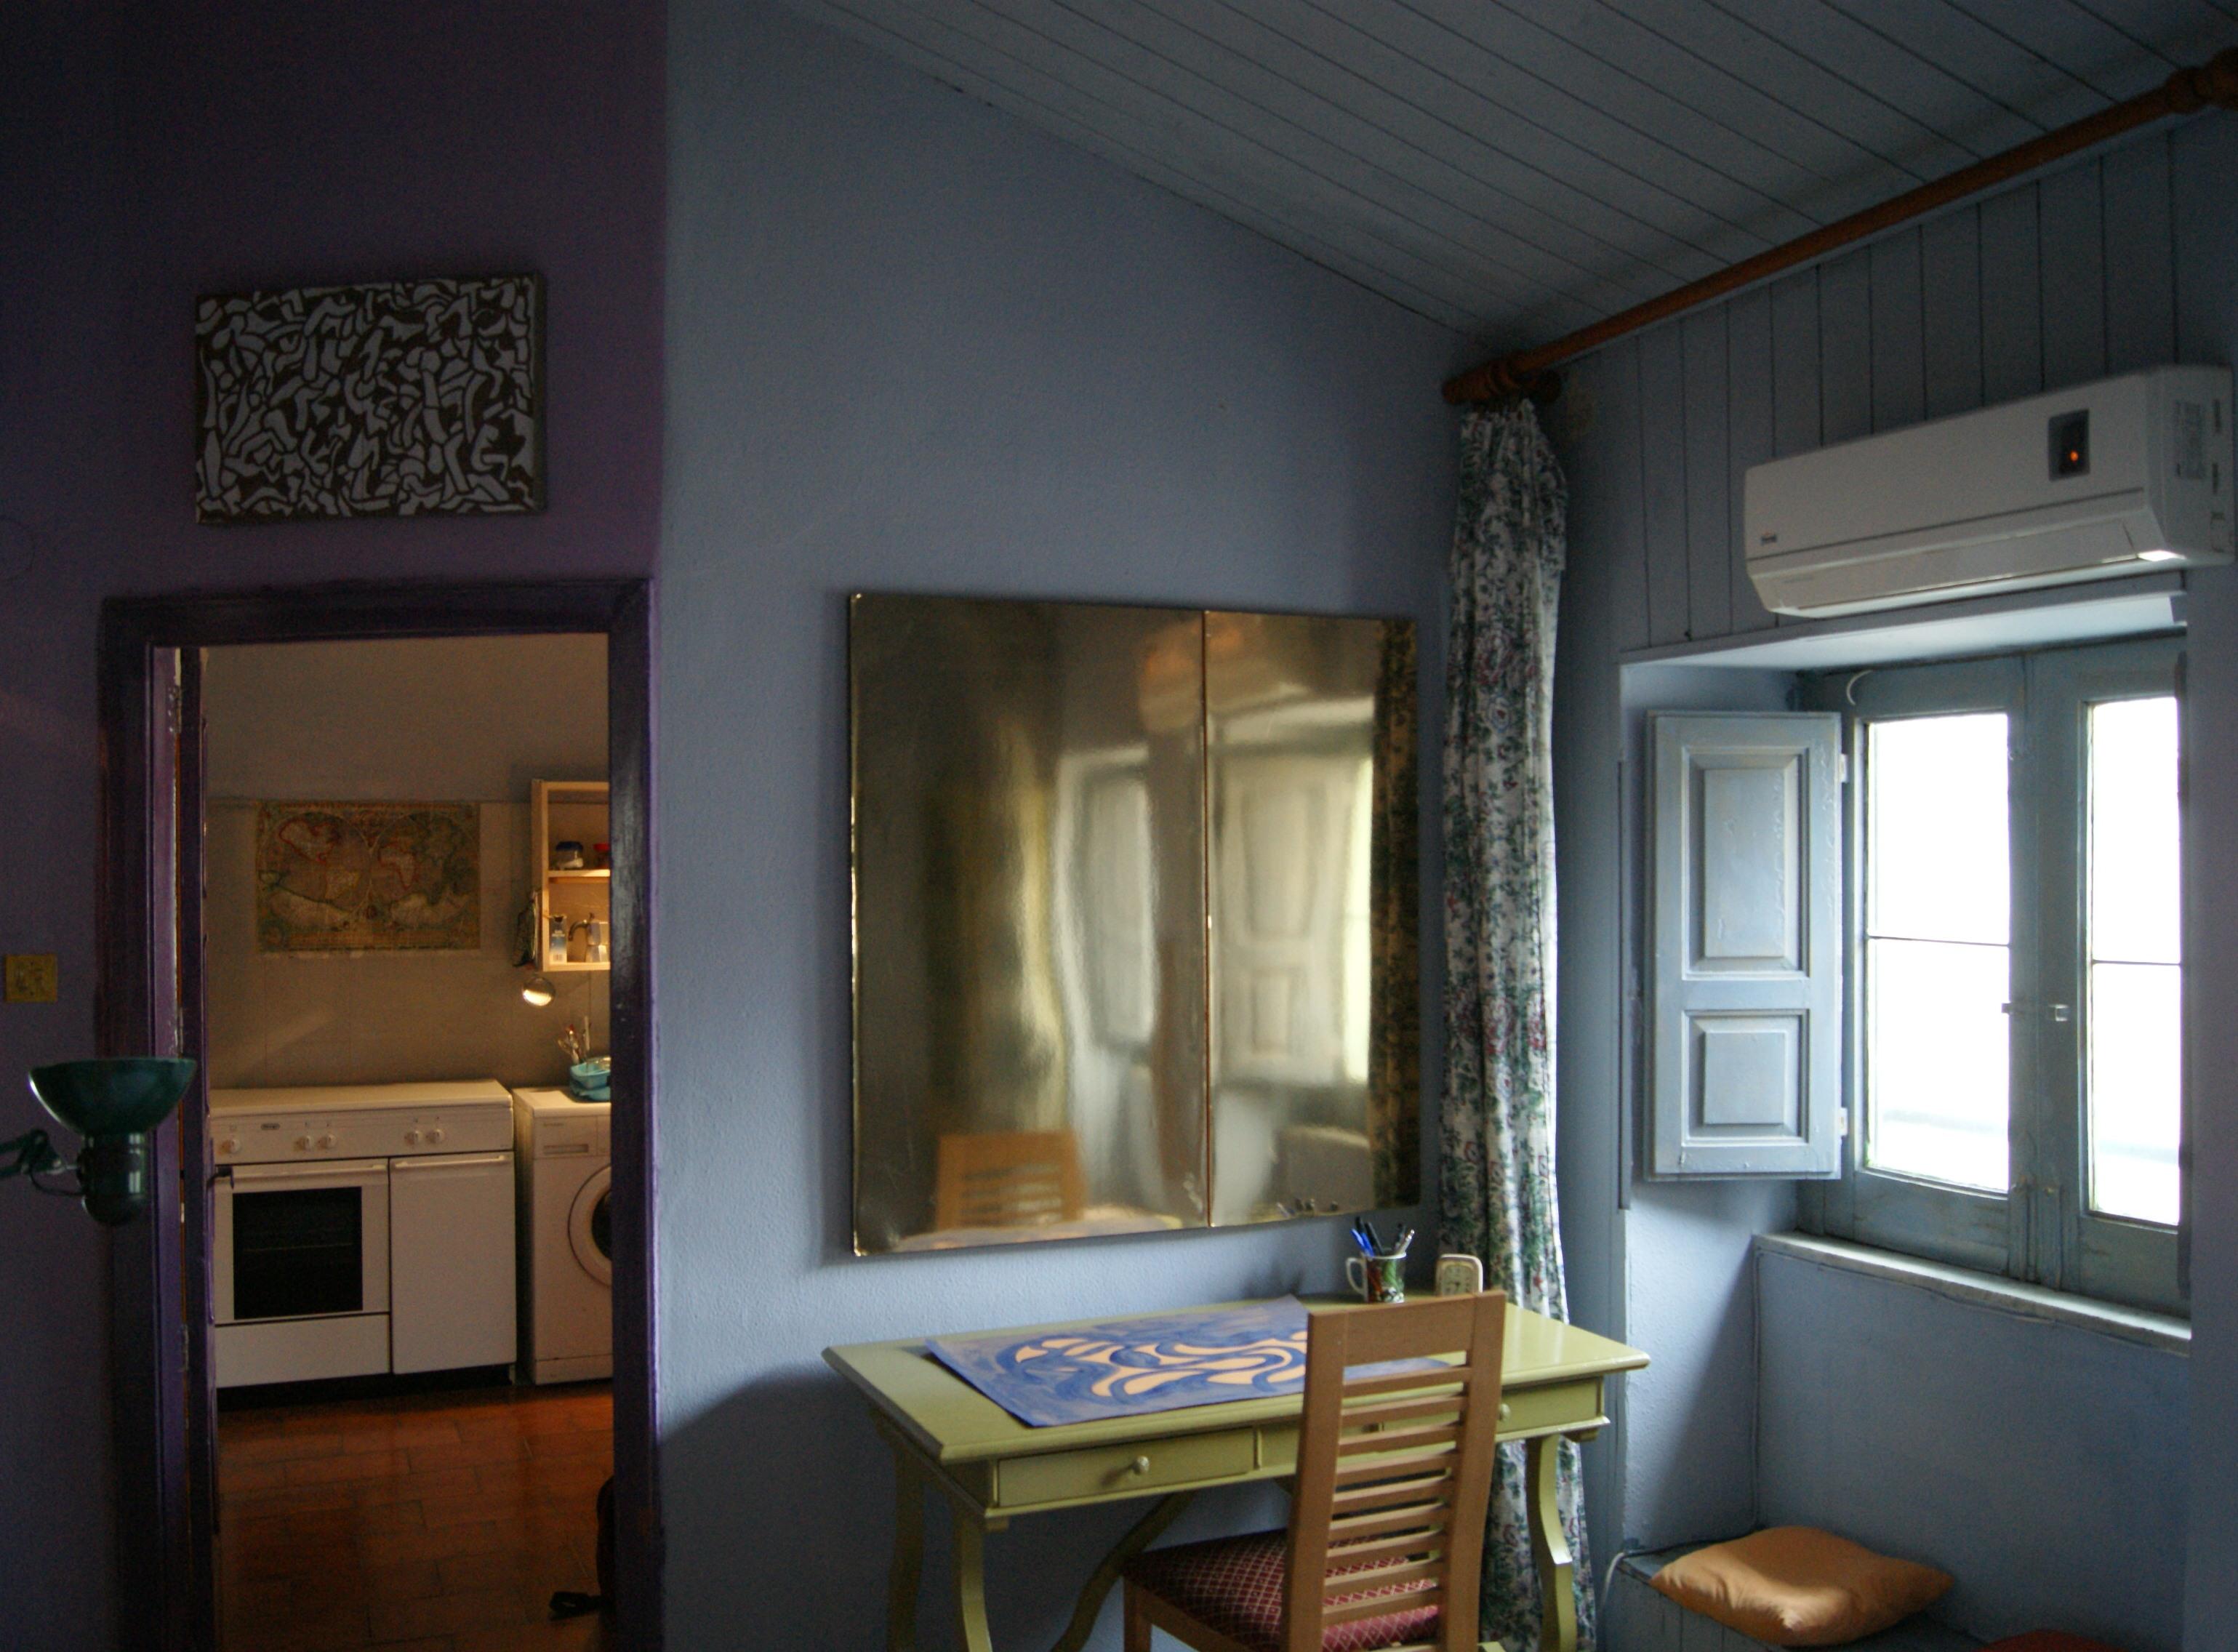 קטאניה תיירים אמנות הבית